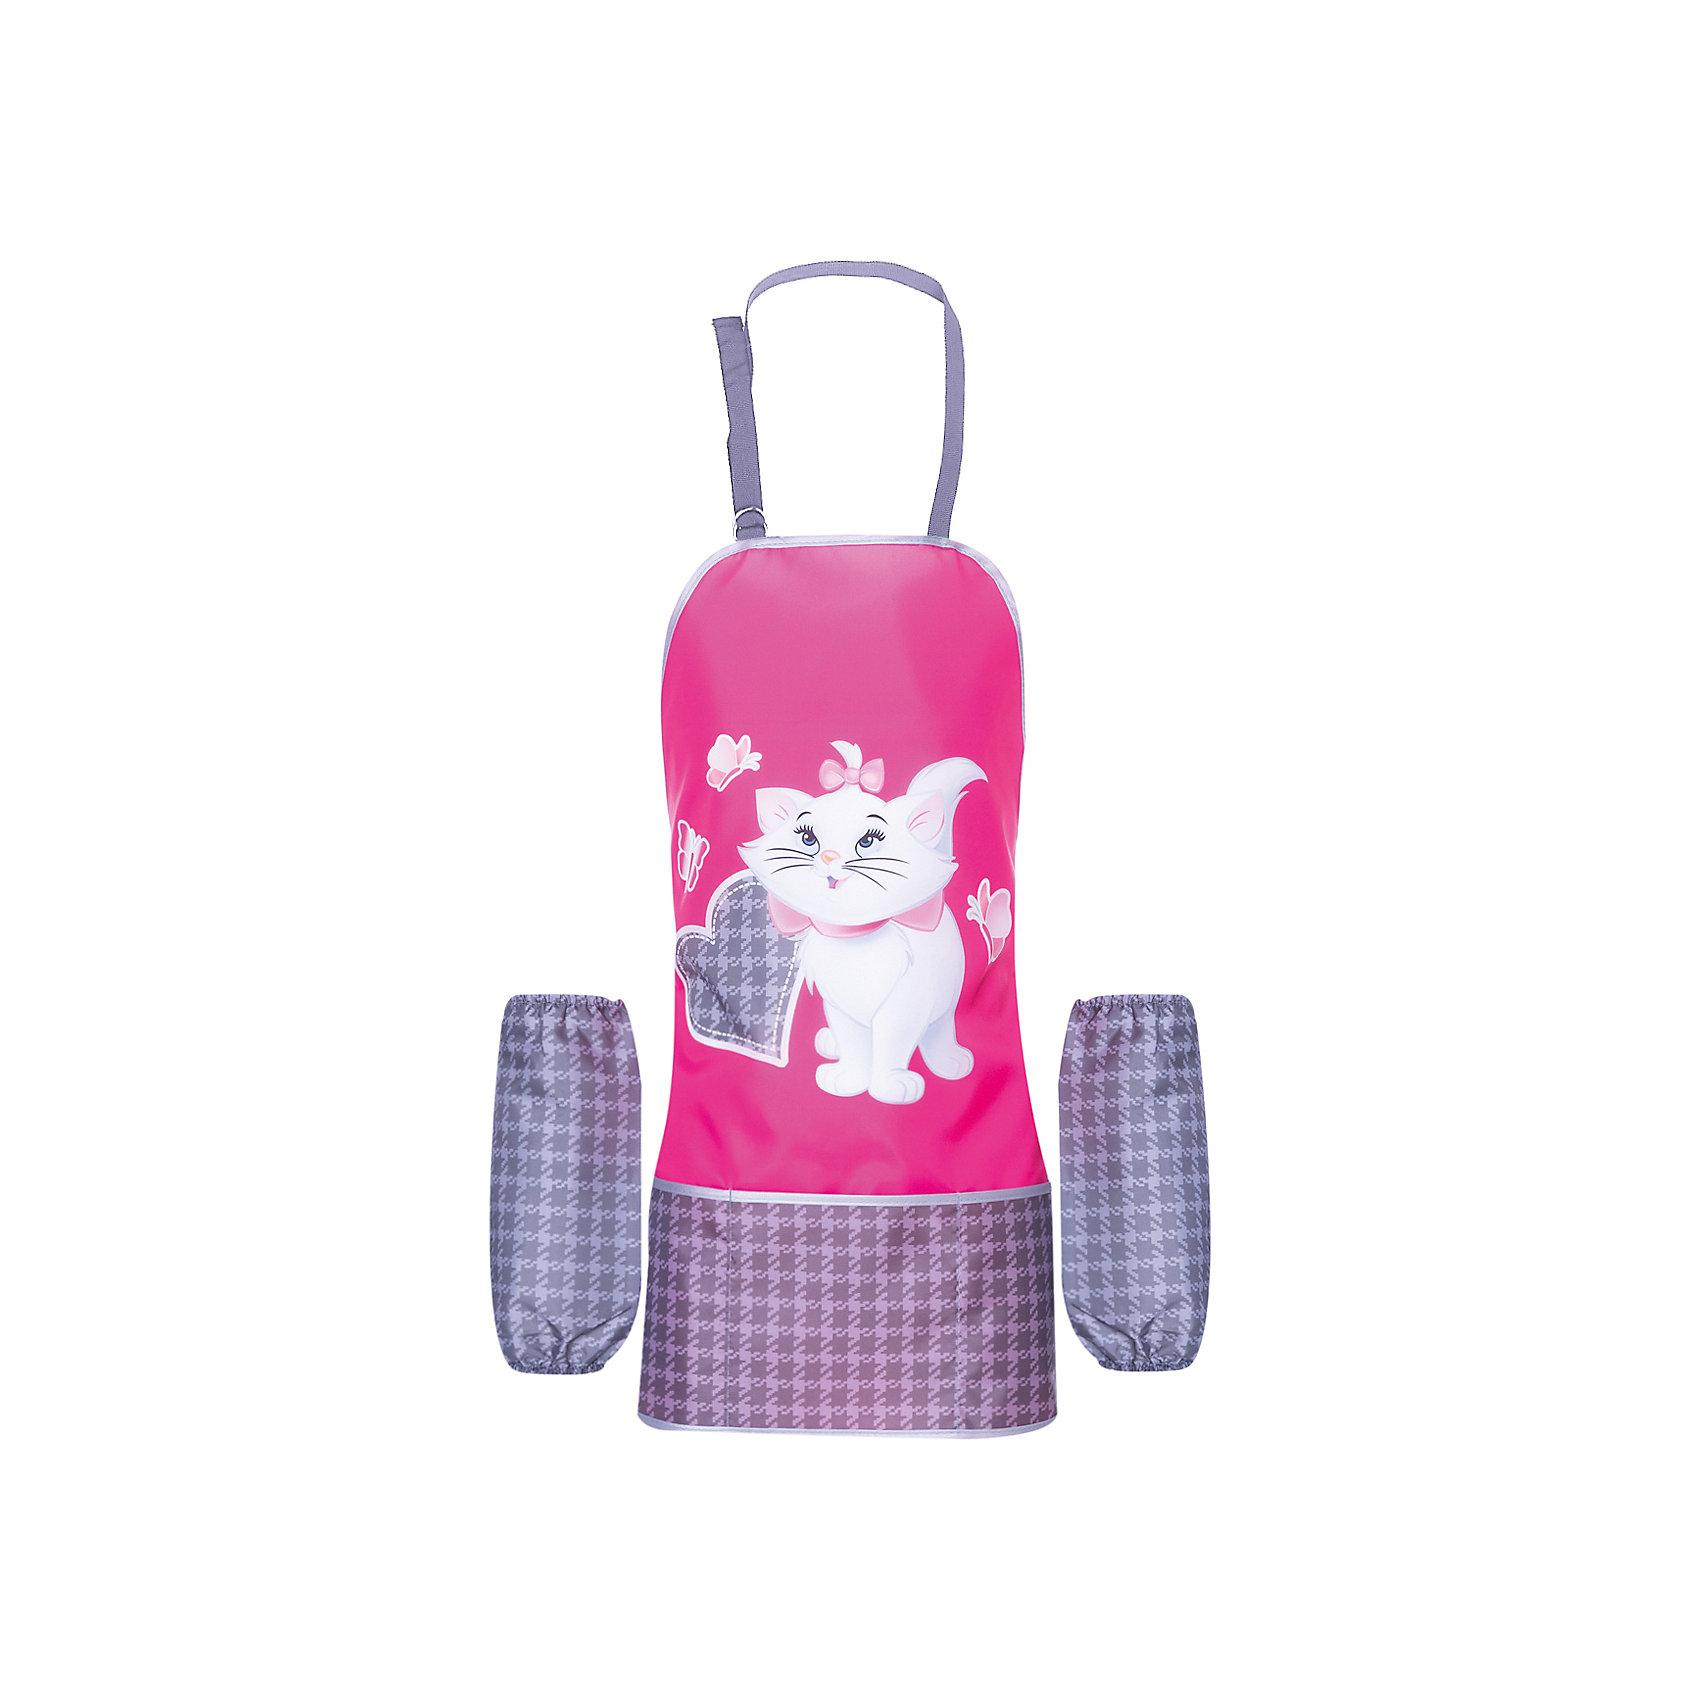 Фартук Cat Marie с нарукавникамиРисование и лепка<br>Характеристики товара:<br><br>• принт: Cat Marie<br>• материал: полиэстер<br>• страна изготовитель: Китай<br>• страна бренда: Германия<br><br>Фартук Cat Marie с нарукавниками бренда Erich Krause защитит одежду от краски, пластилина и прочих материалов для творчества.<br><br>Фартук Cat Marie можно купить в нашем интернет-магазине.<br><br>Ширина мм: 9999<br>Глубина мм: 9999<br>Высота мм: 9999<br>Вес г: 79<br>Возраст от месяцев: 72<br>Возраст до месяцев: 96<br>Пол: Женский<br>Возраст: Детский<br>SKU: 6842705